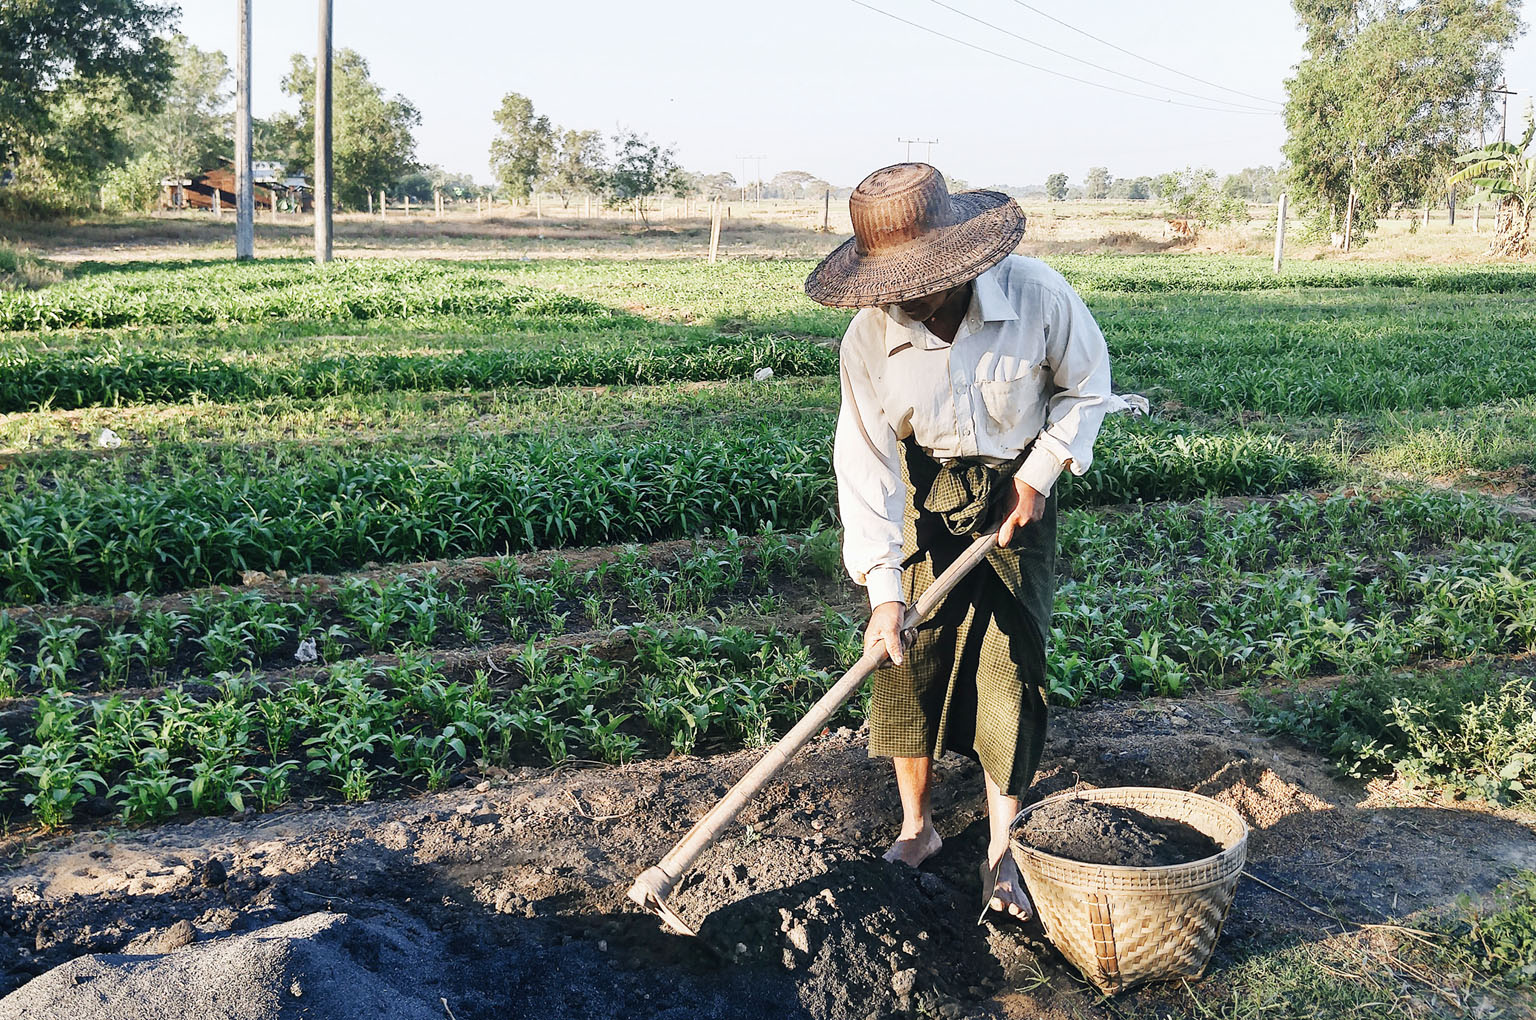 သြဂဲနစ်စိုက်ပျိုးရေးတွင် အသုံးပြုသော စိုက်ပျိုးနည်း စနစ်များ